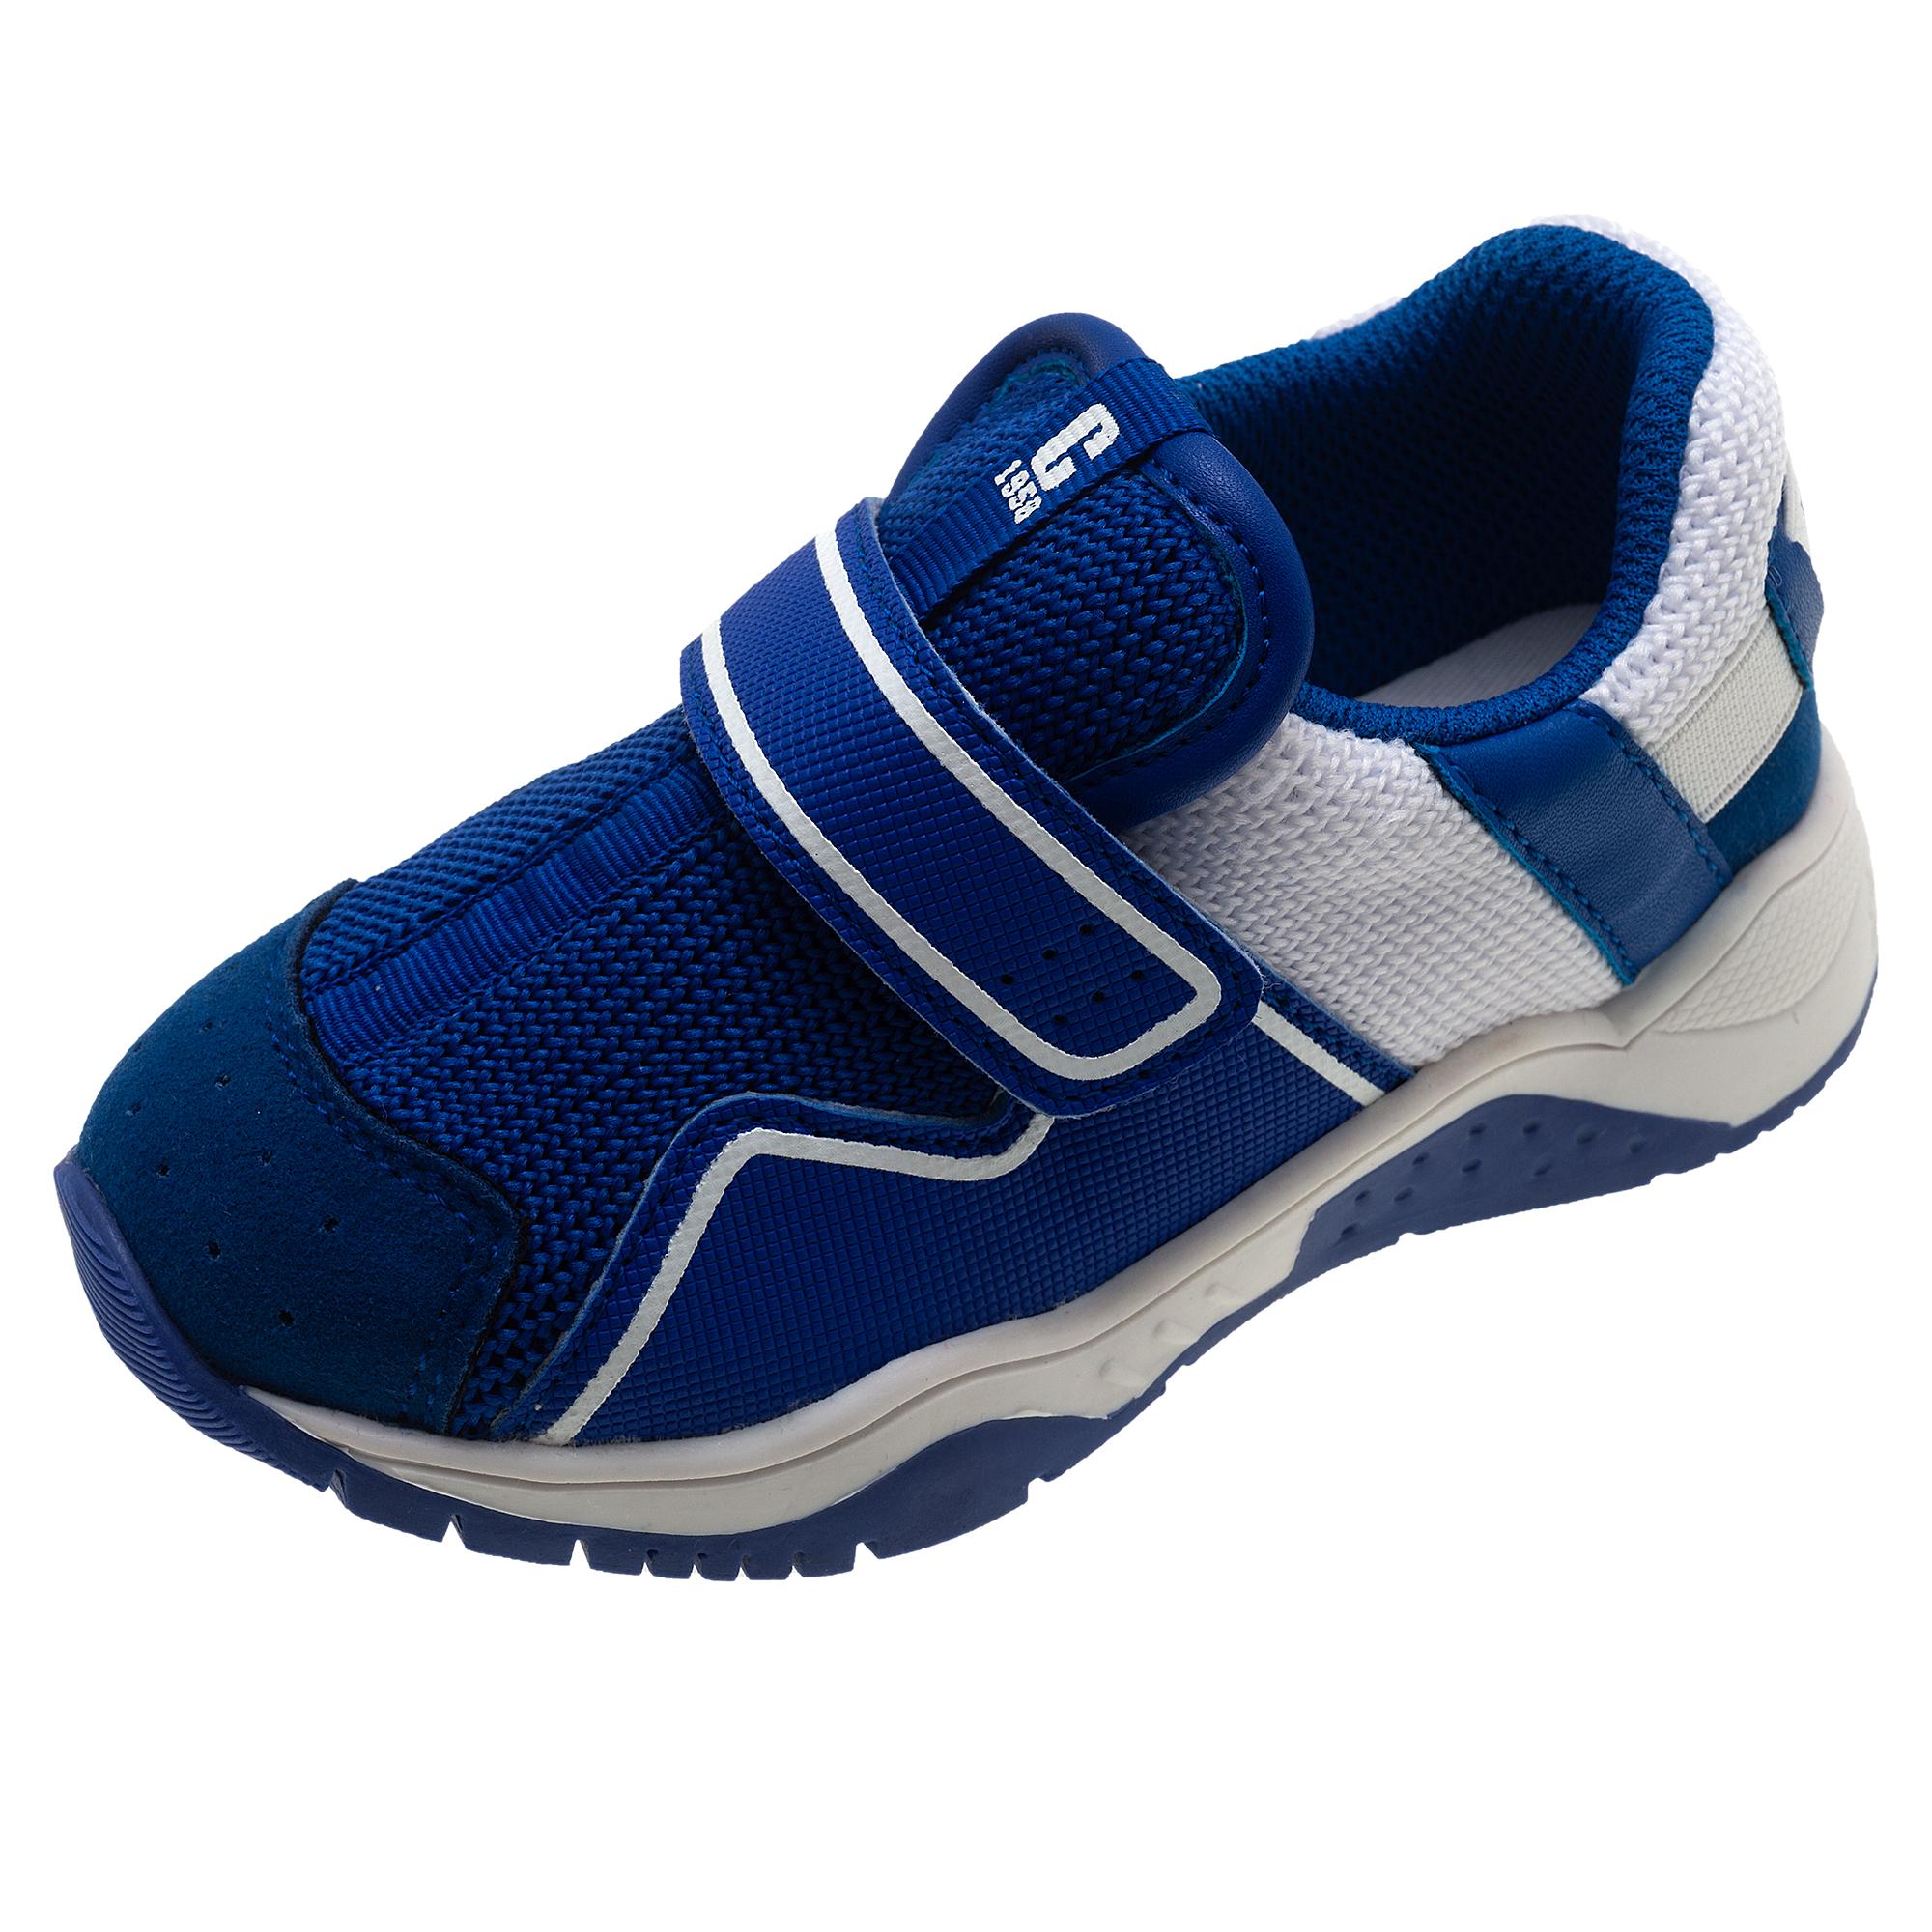 Pantof sport copii Chicco Campione, bleu deschis, 61583 din categoria Pantofi sport copii